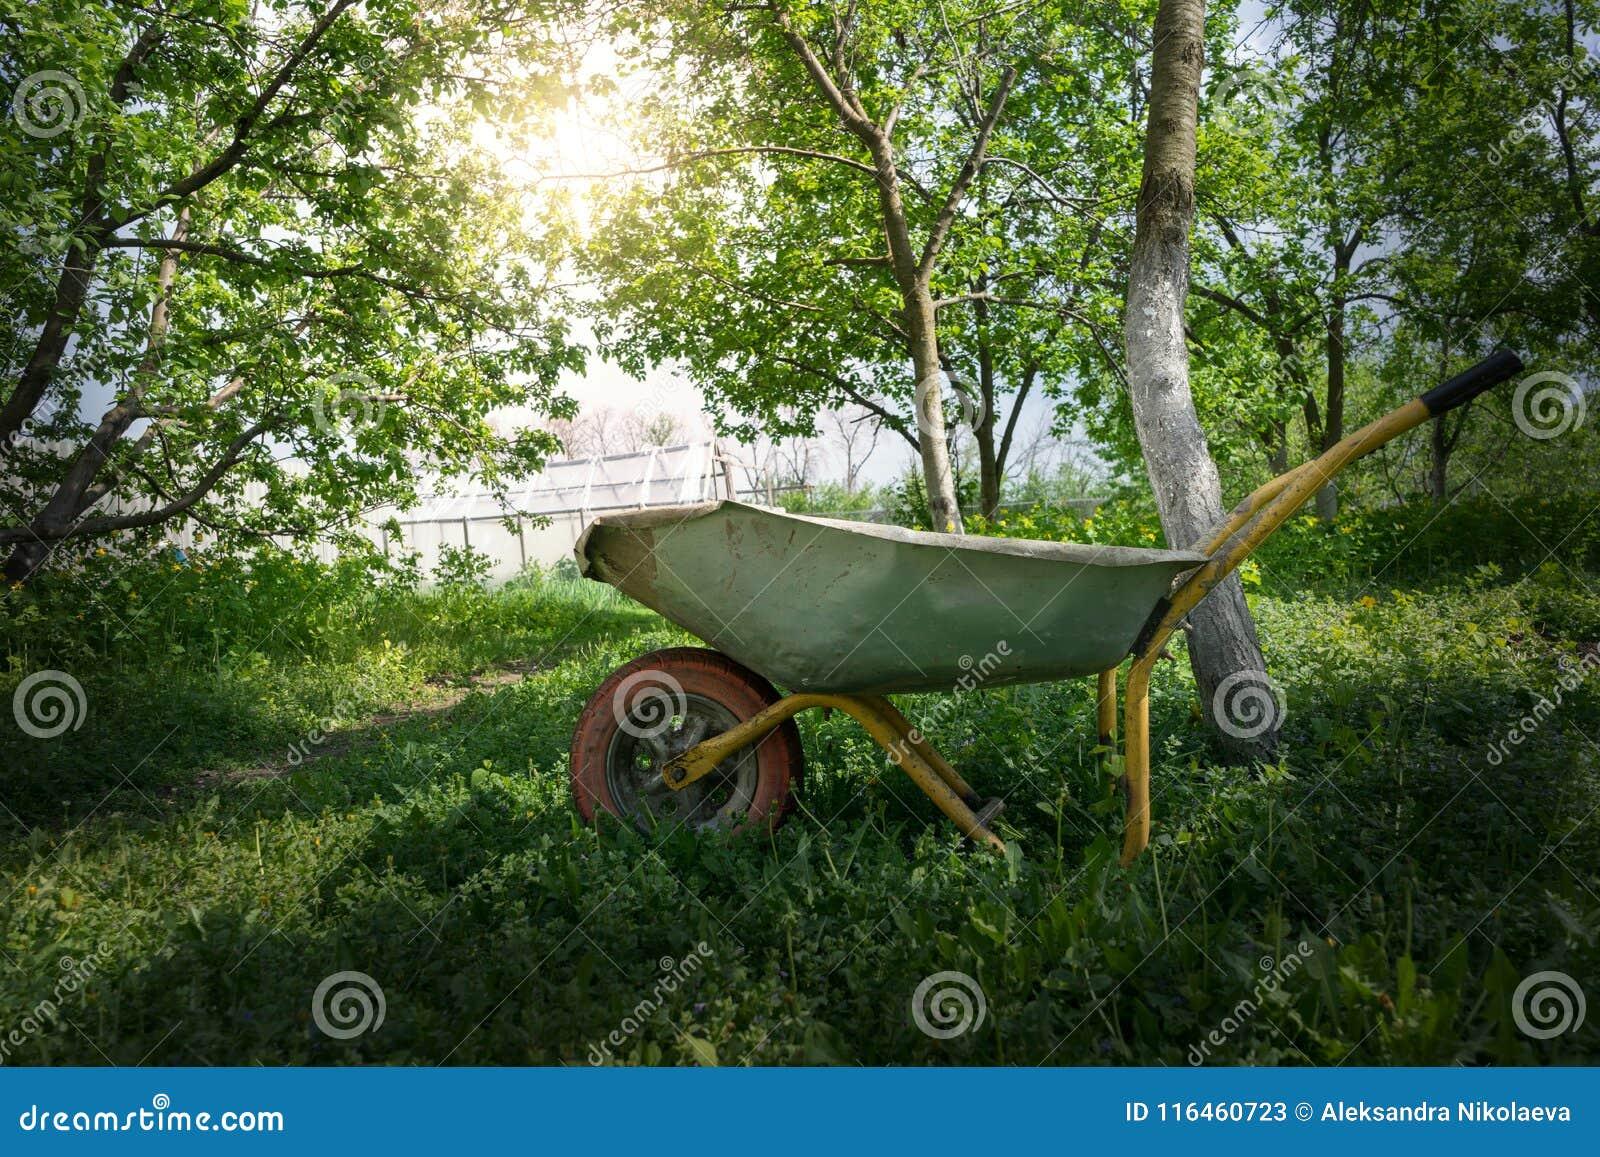 Тележка в саде под солнечным светом